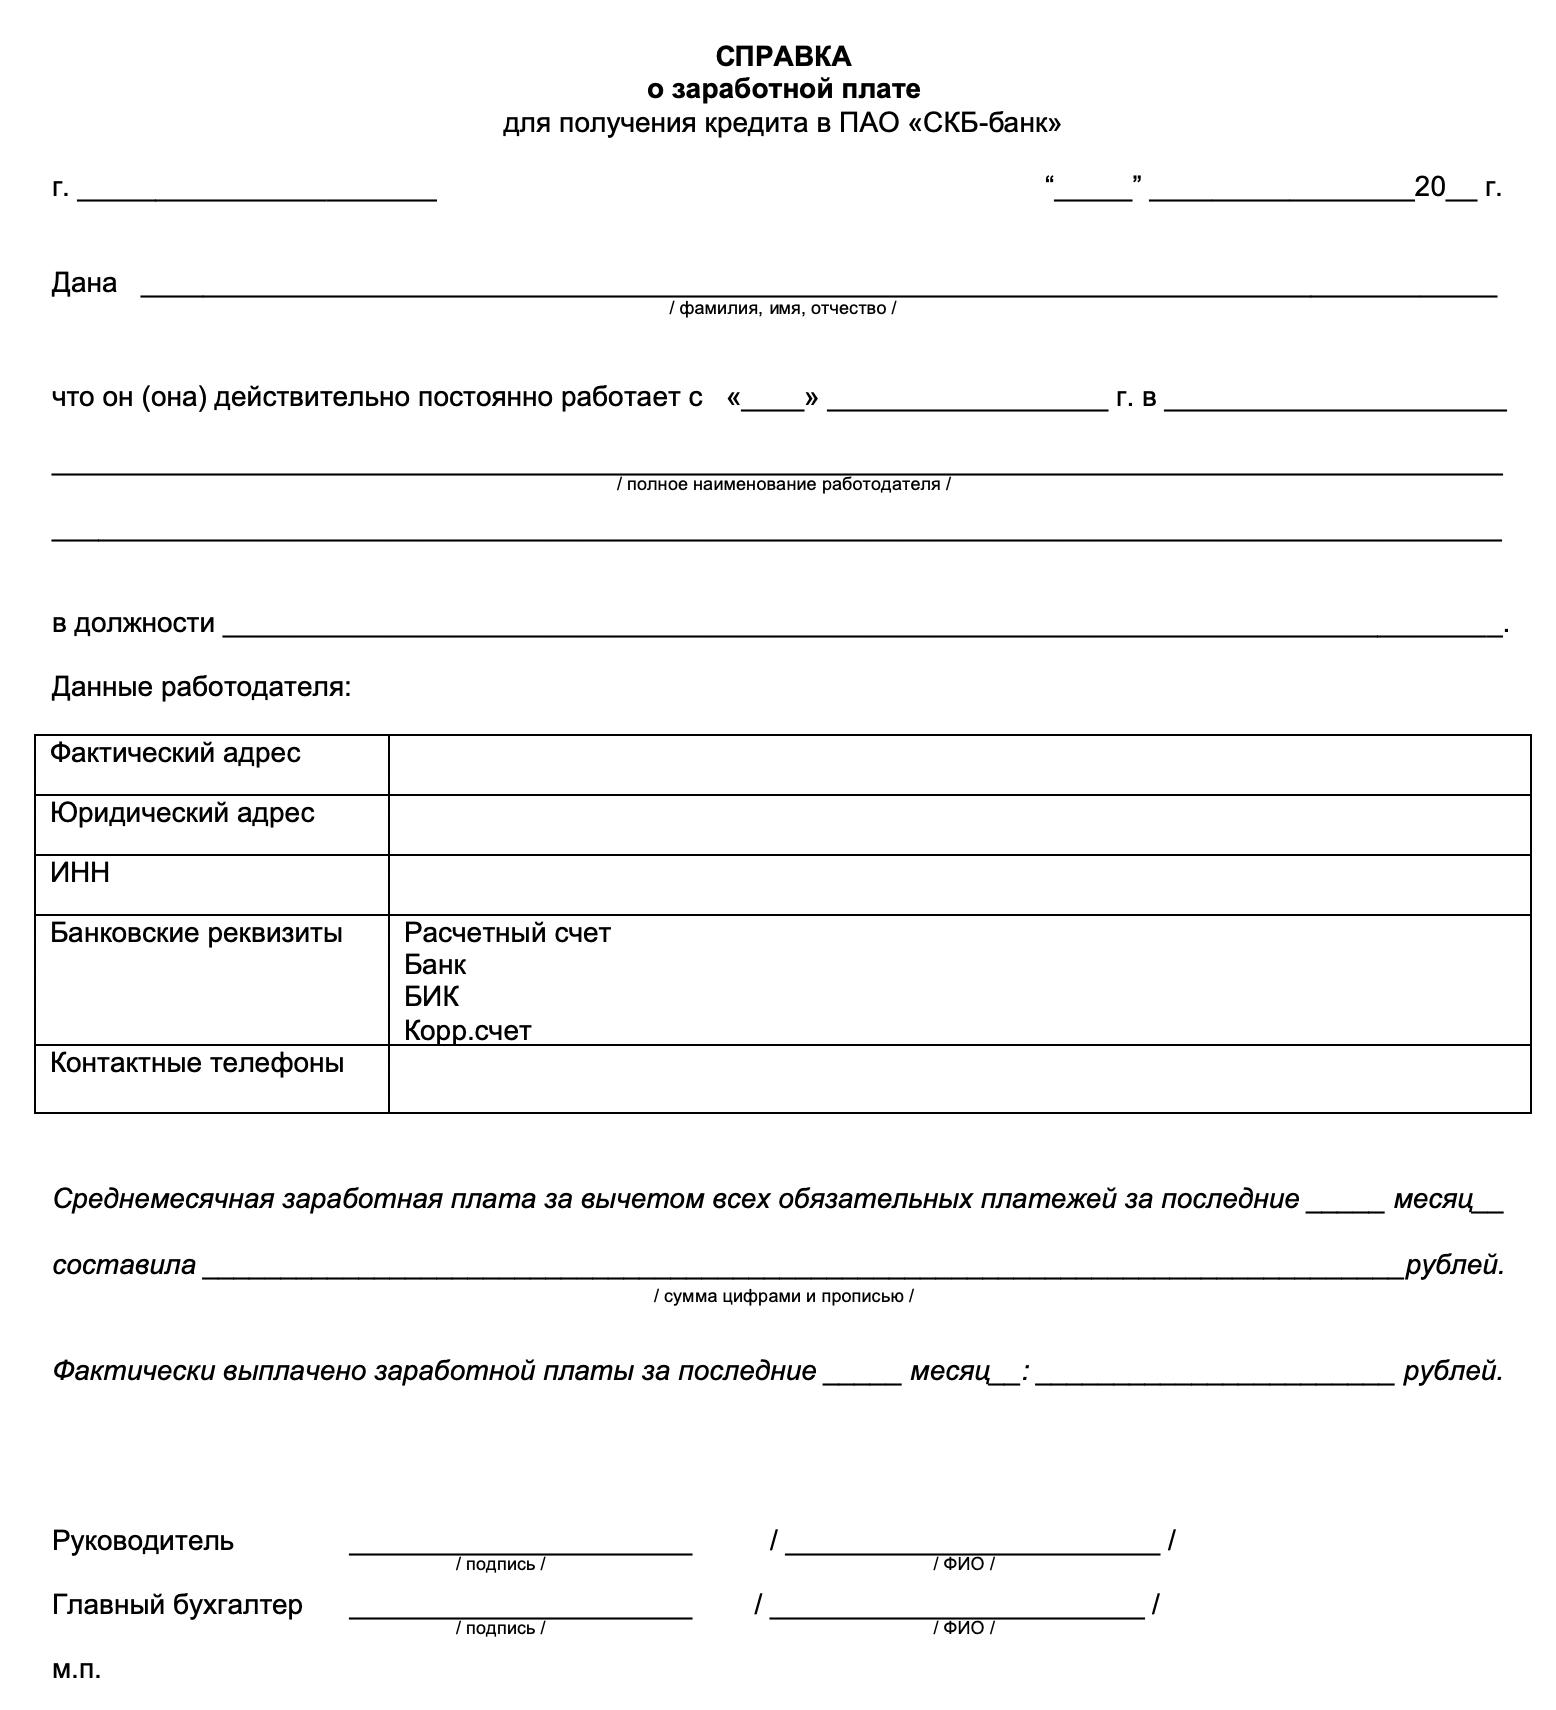 Втб 24 калькулятор потребительского кредита физическим